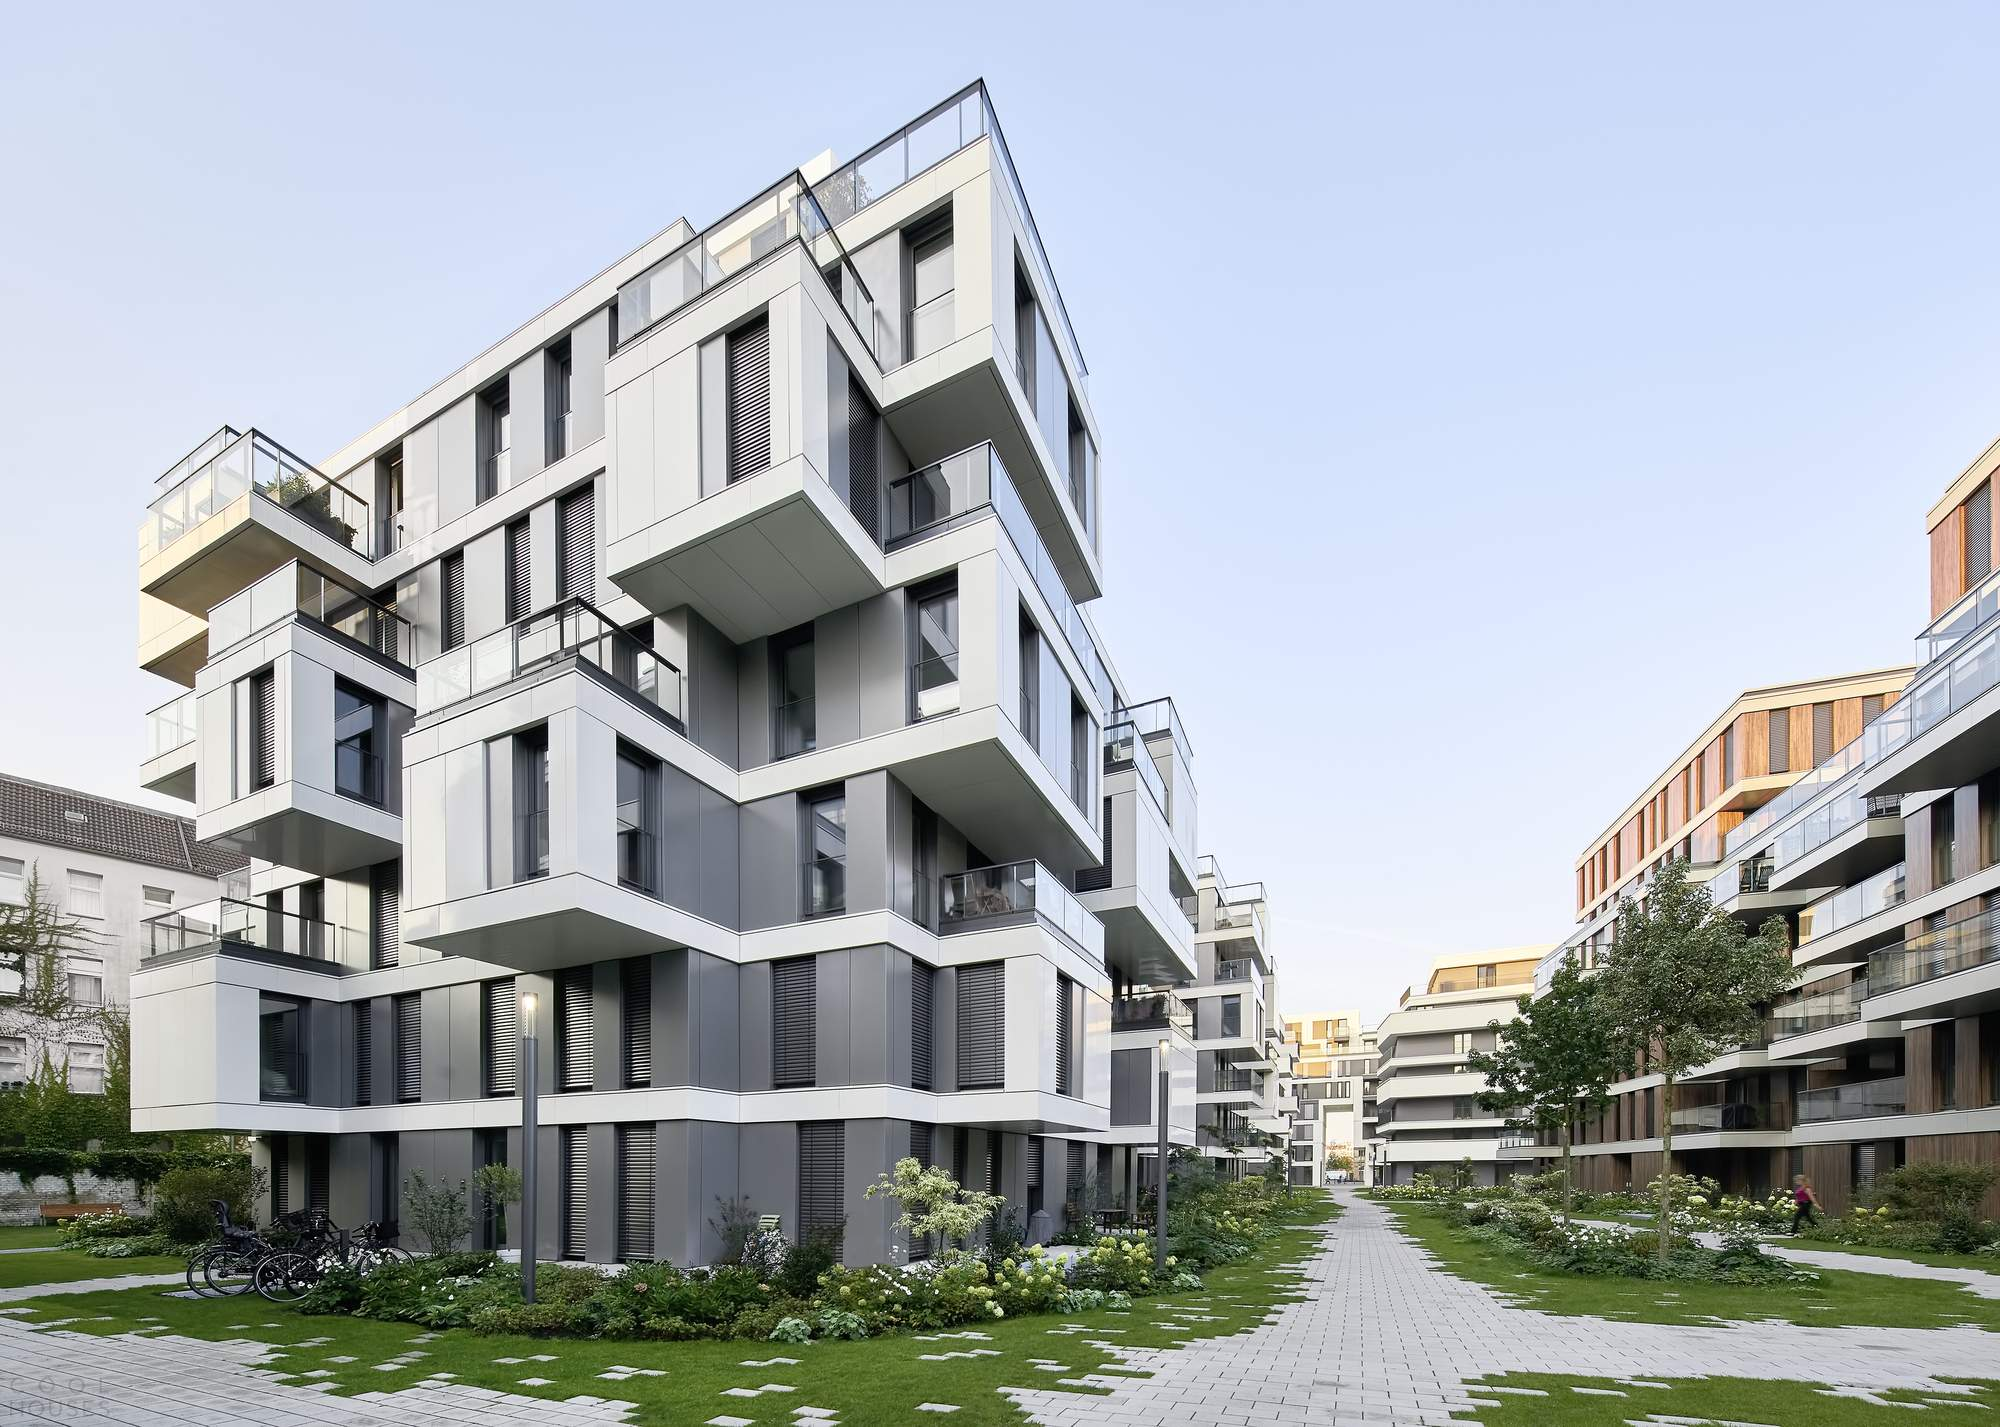 Элитный жилой комплекс «Сад» в Берлине, Германия